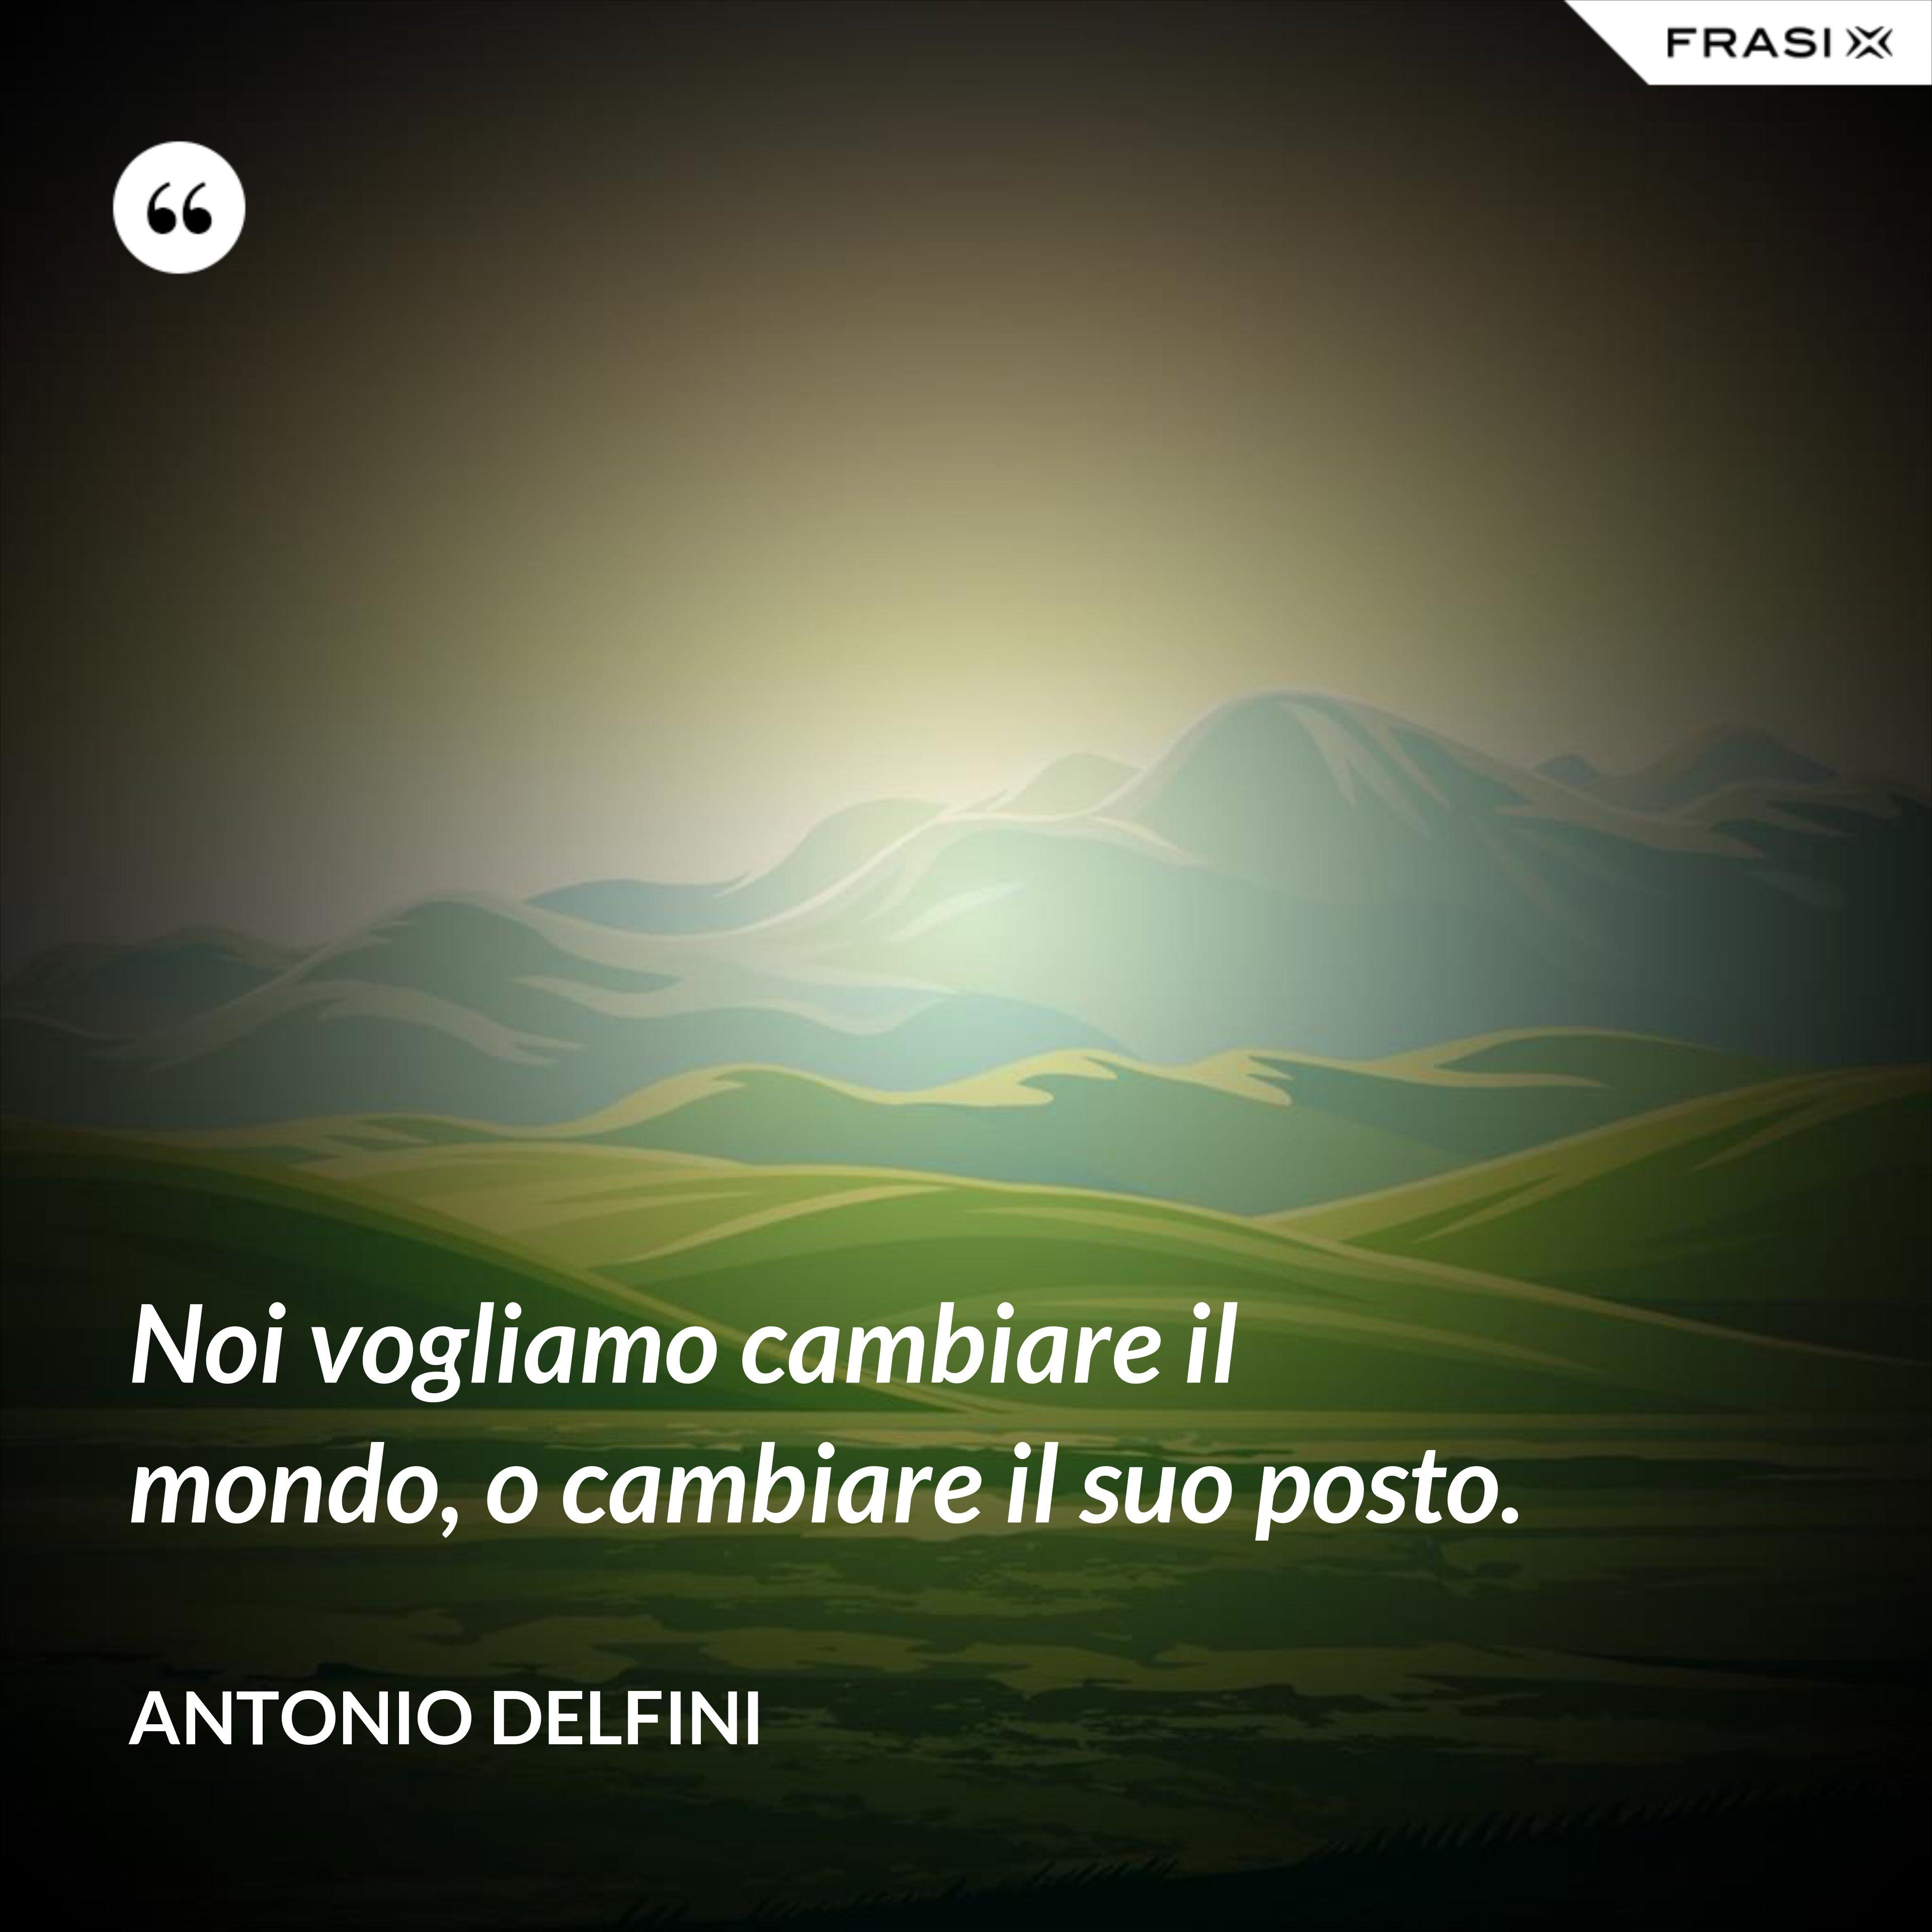 Noi vogliamo cambiare il mondo, o cambiare il suo posto. - Antonio Delfini